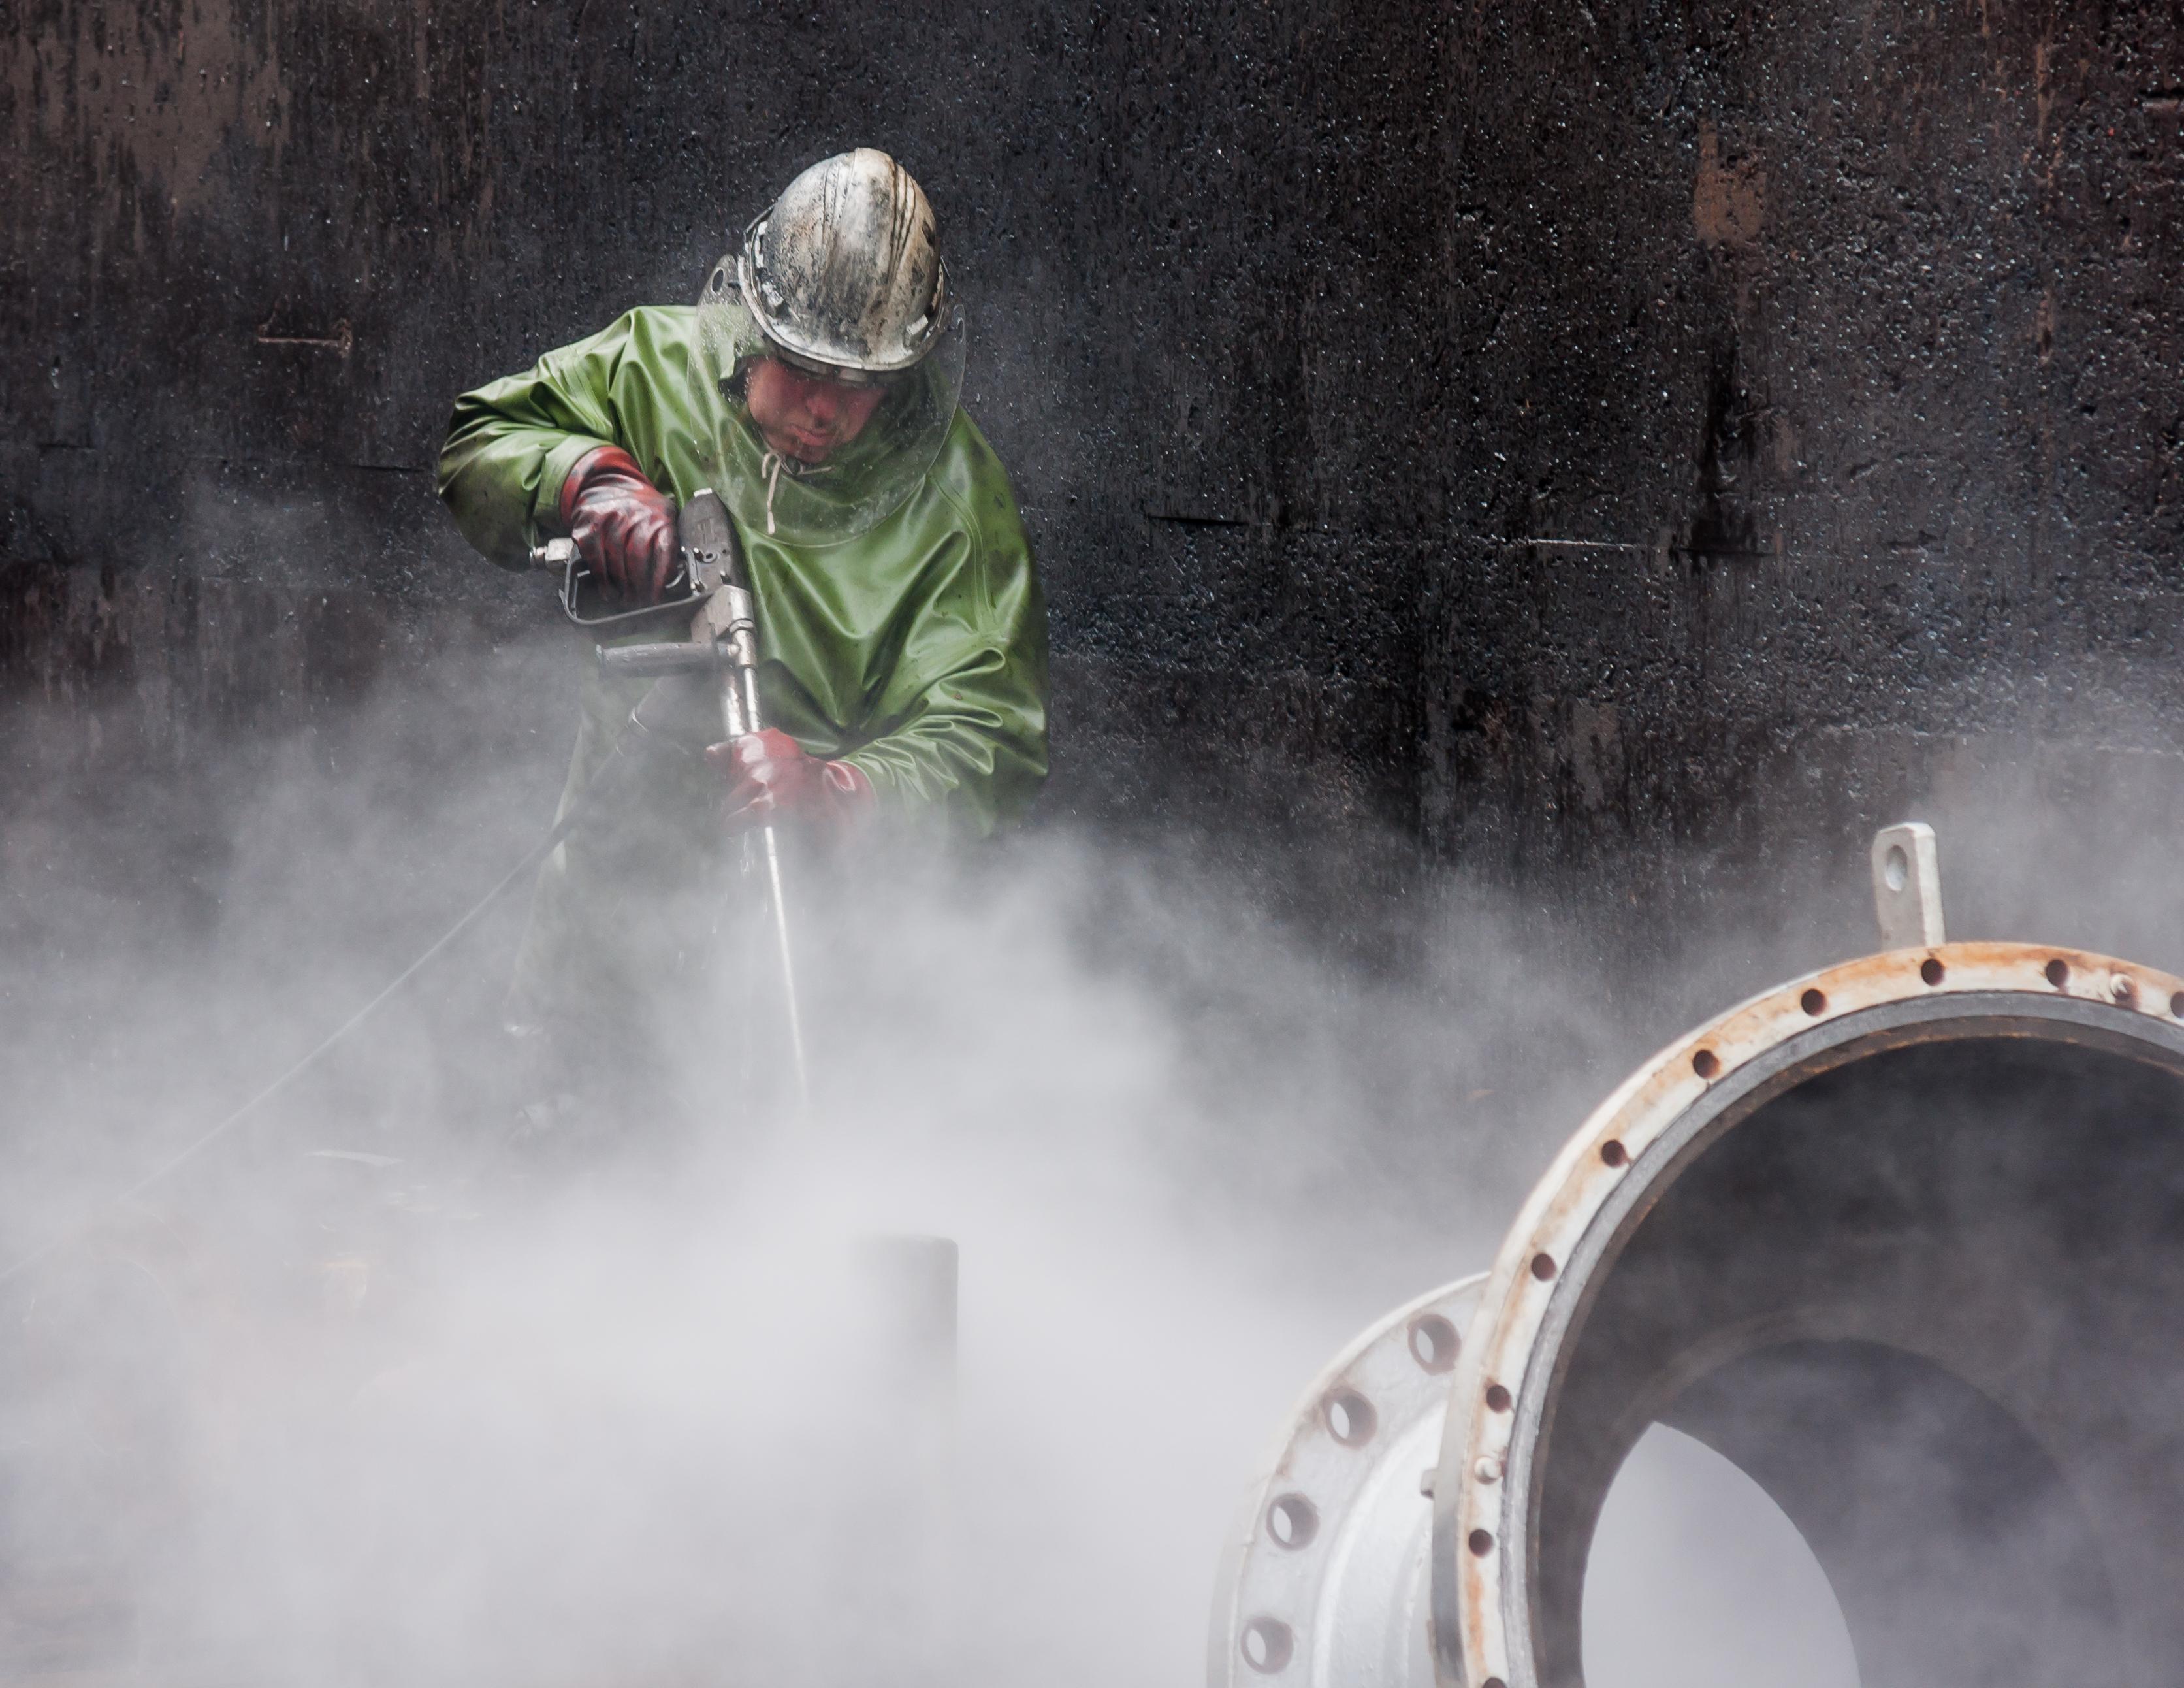 High-Pressure-Cleaning-with-Personal-Protective-Equipment-02.jpg Deutsch: Köln, Deutschland: Industrielle Hochdruckreinigung von Druckgeräteteilen